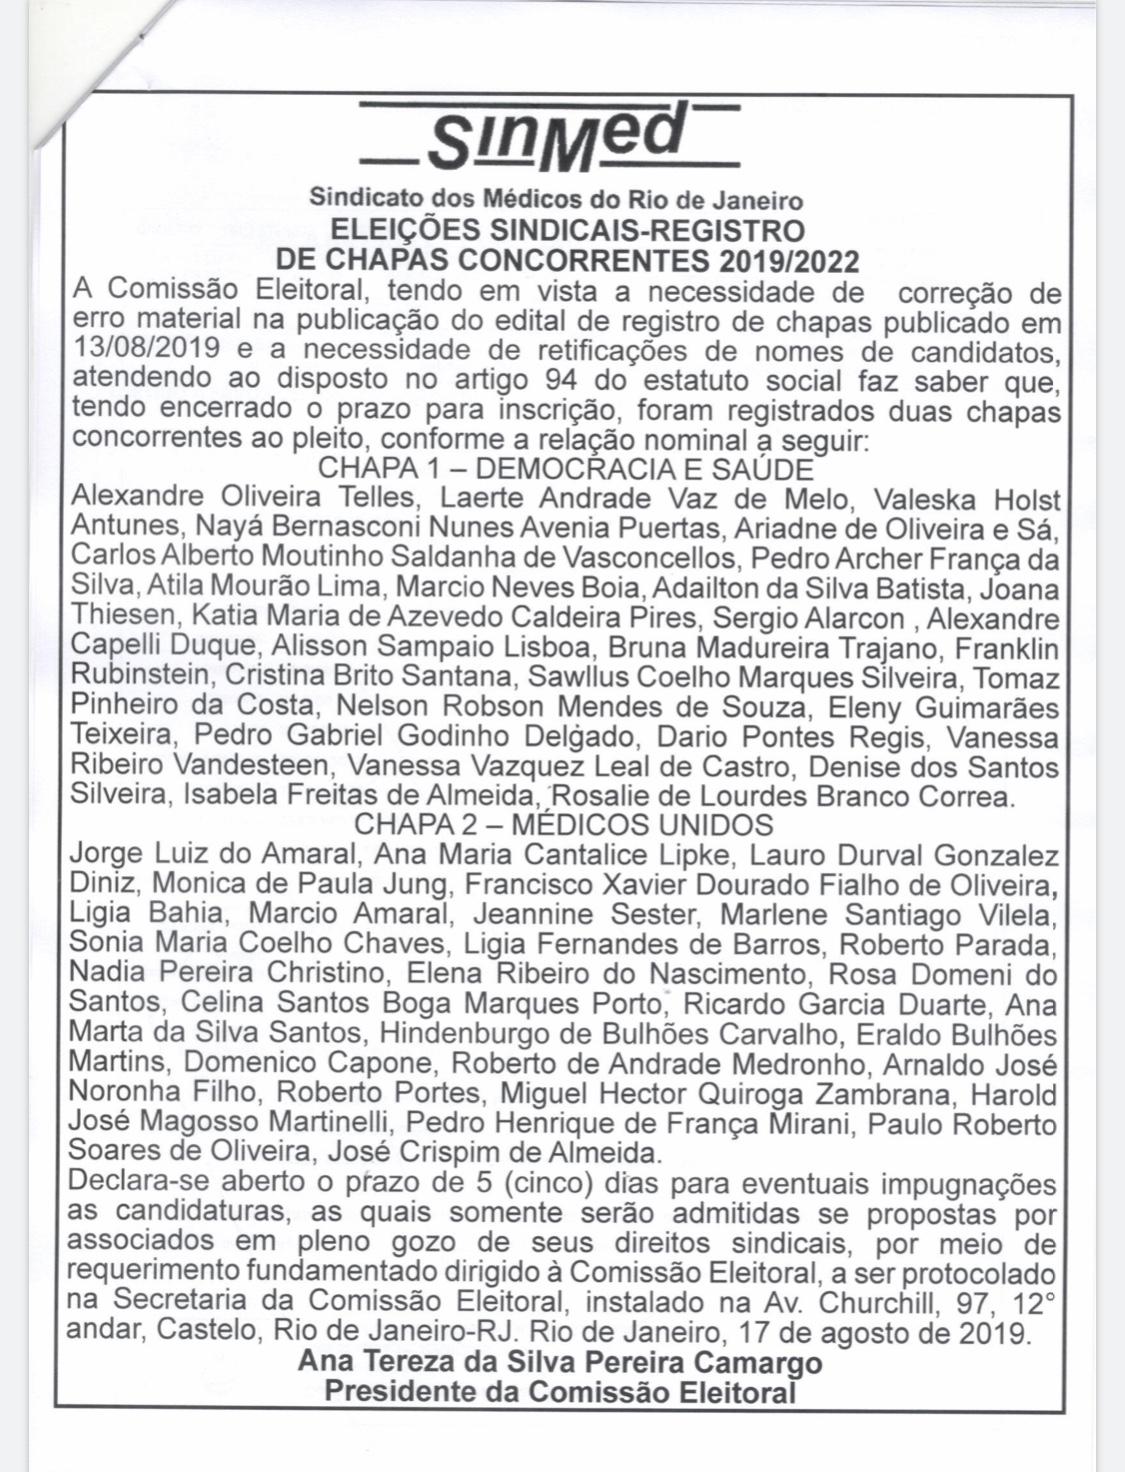 Edital Eleições SinMed/RJ, correção